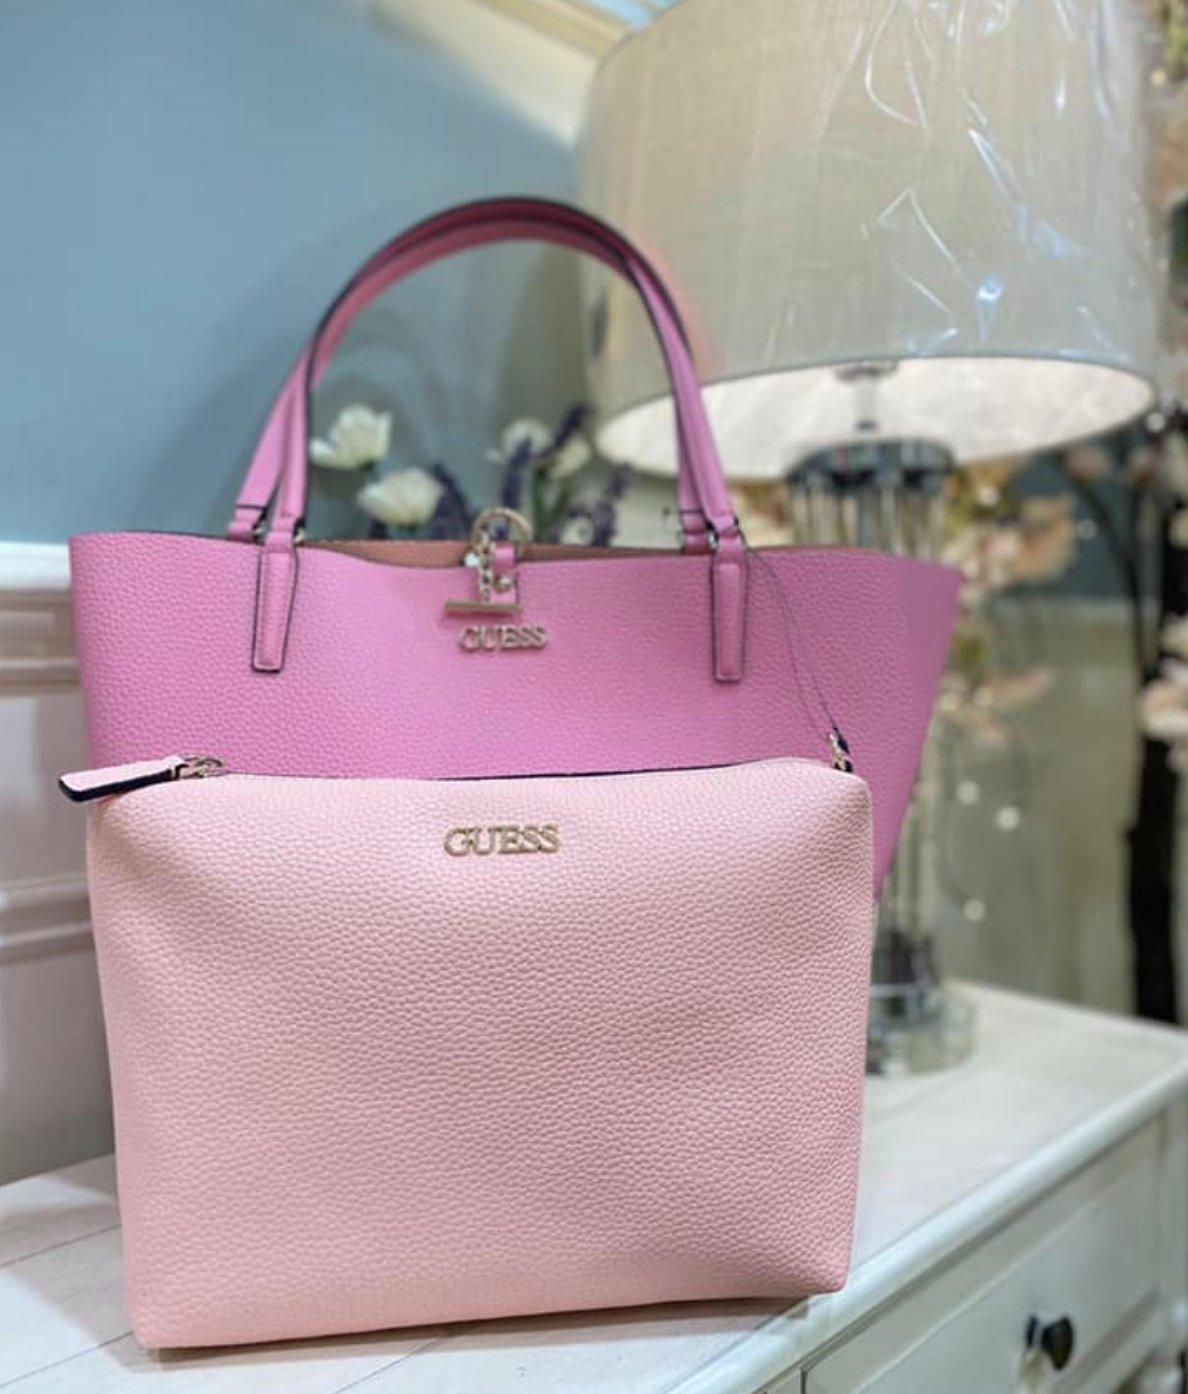 Allure Handbags GUESS